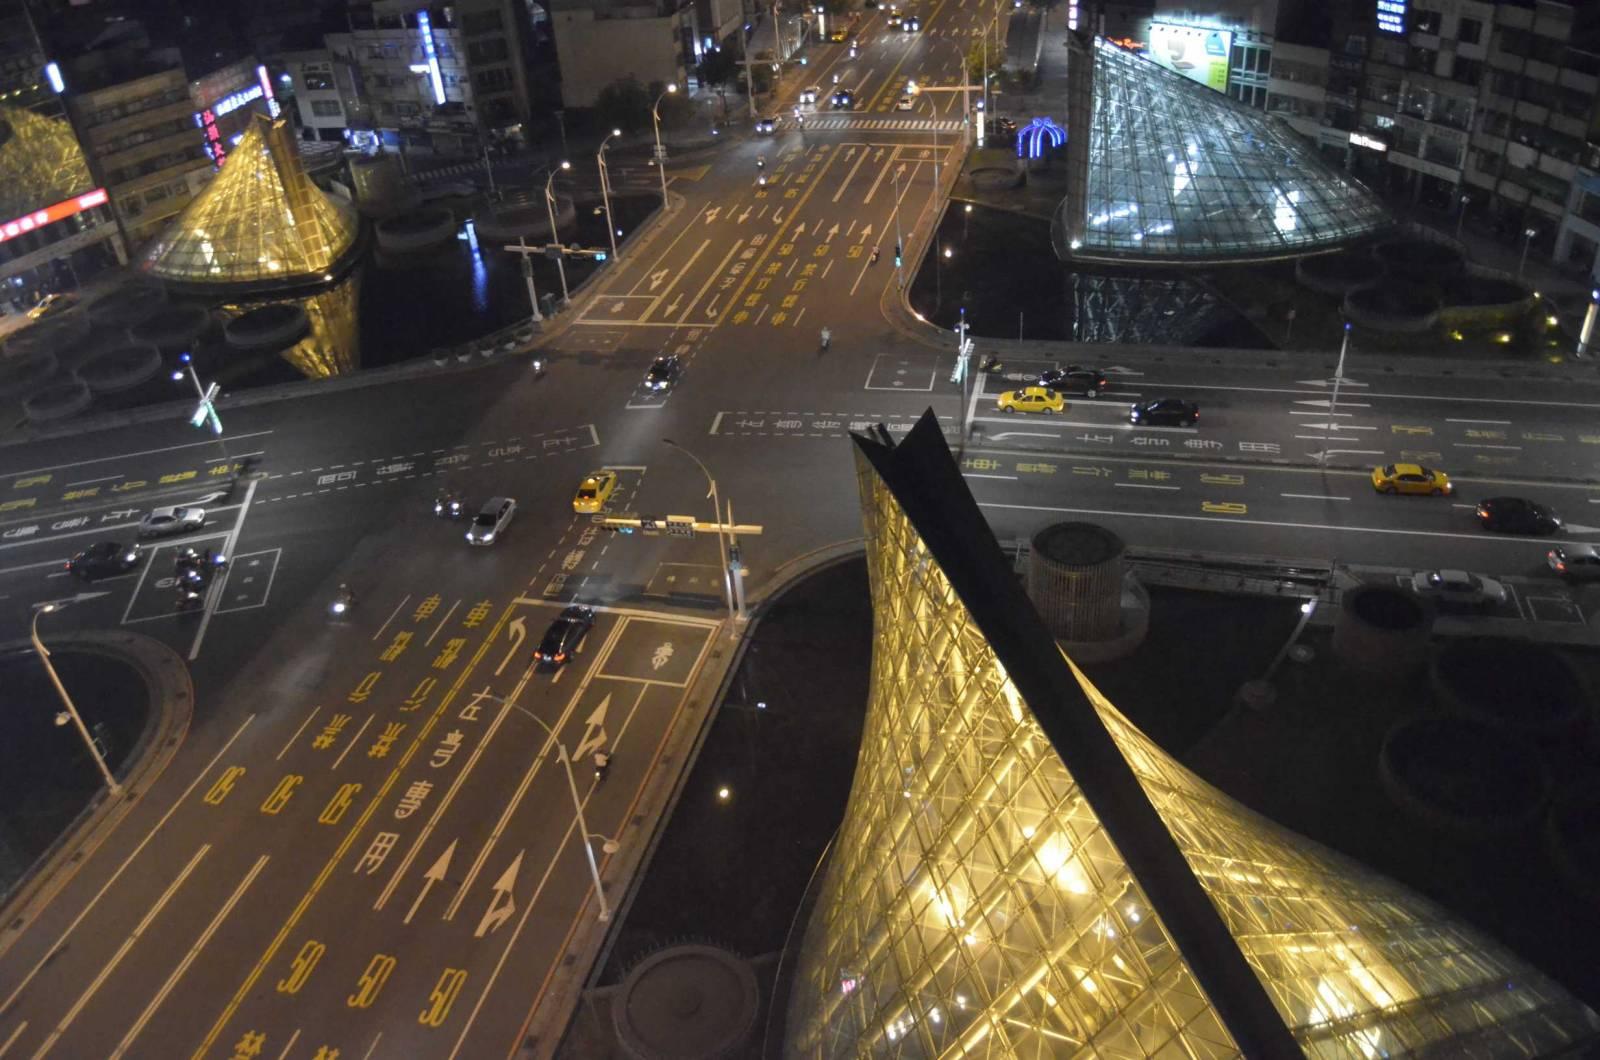 比擬羅浮宮玻璃金字塔 金黃穹頂點襯高雄夜色